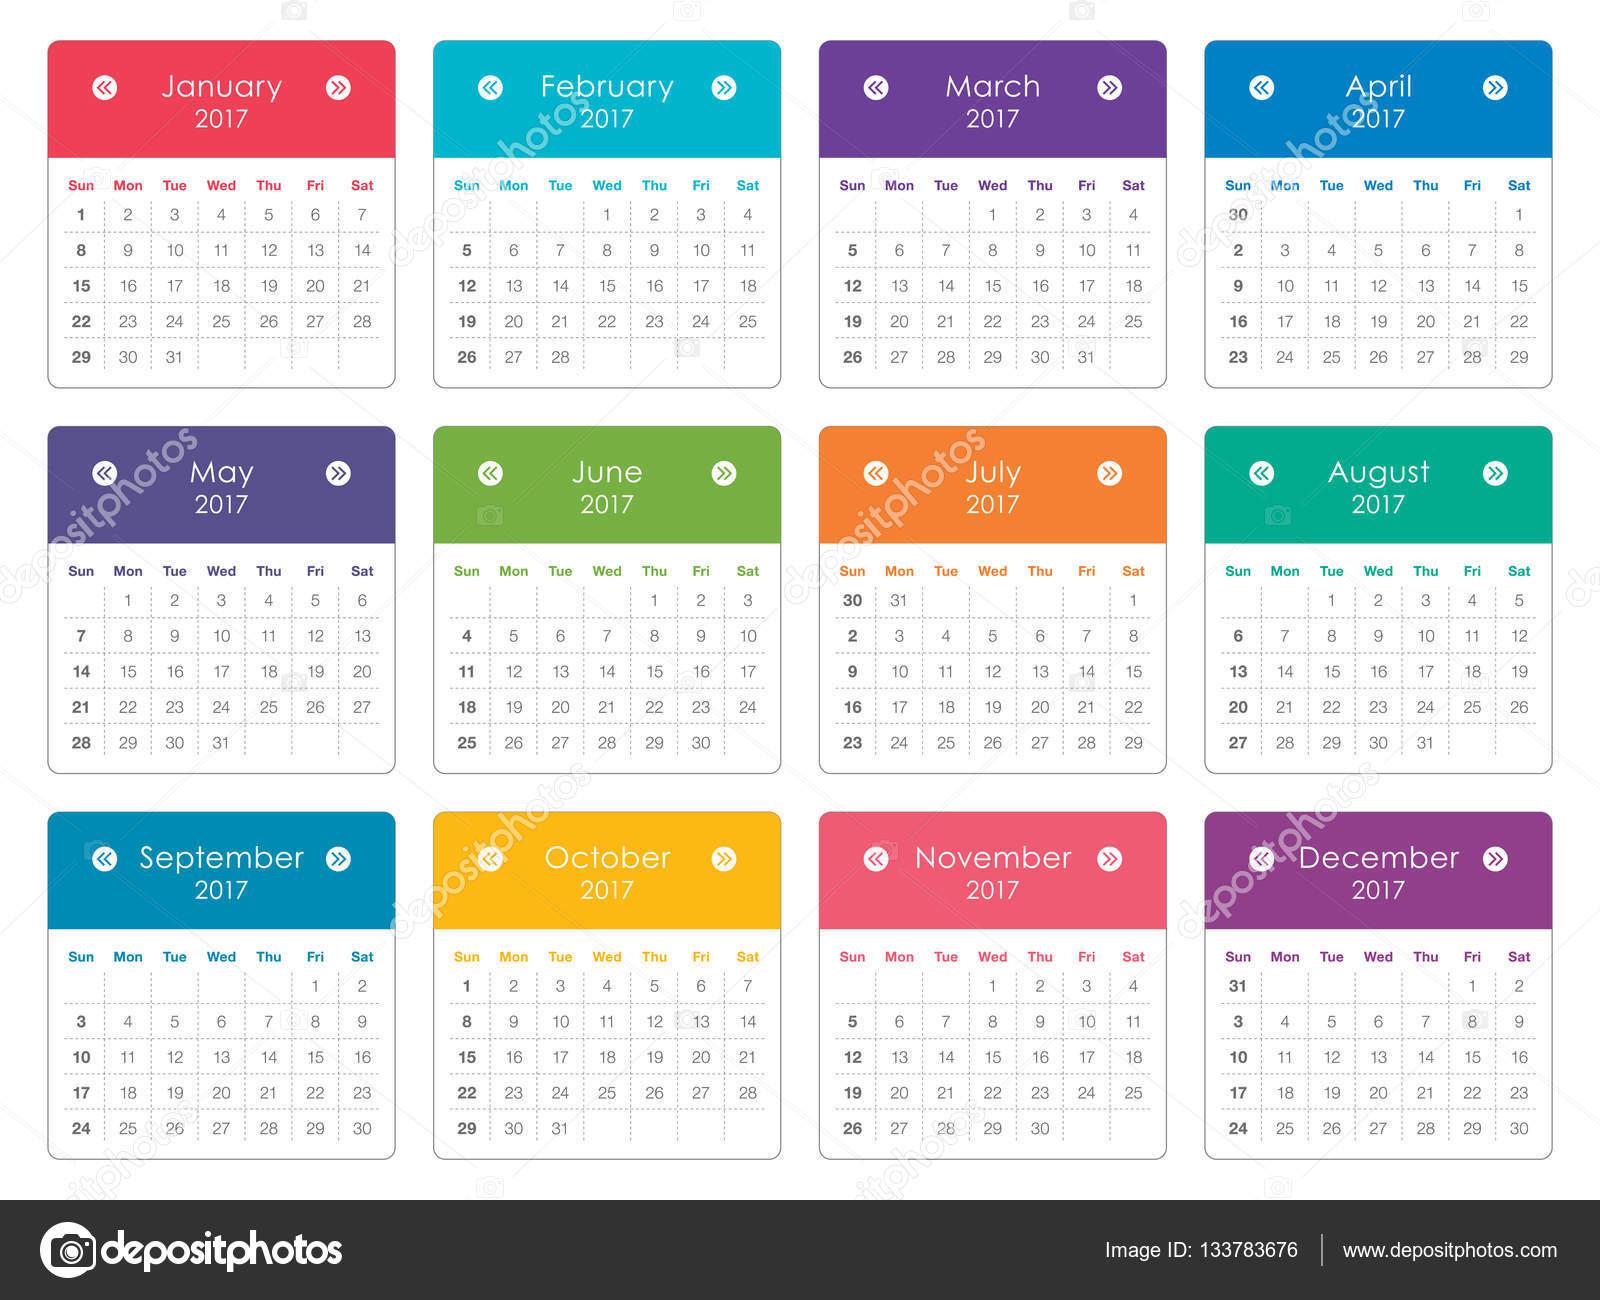 Calendario Anno 2017.Disegno Di Vettore Del Calendario Anno 2017 Vettoriali